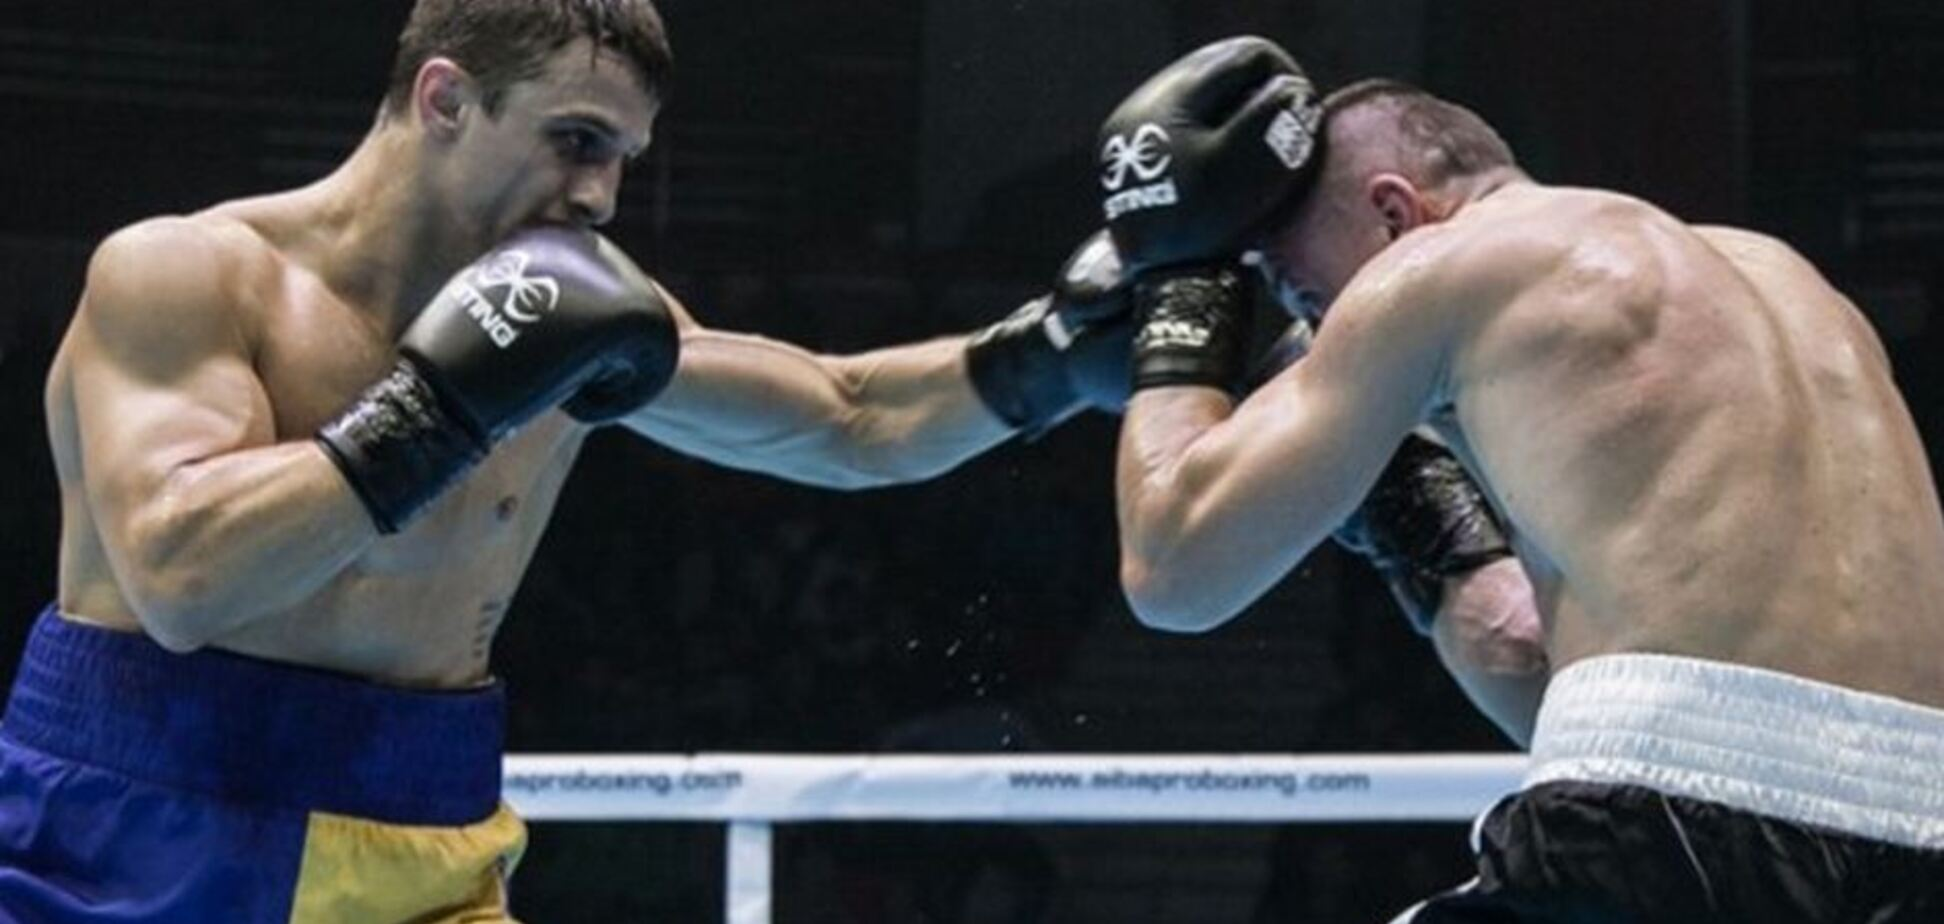 Украинский супертяжеловес нокаутировал непобедимого соперника на 2-й минуте боя: опубликовано видео